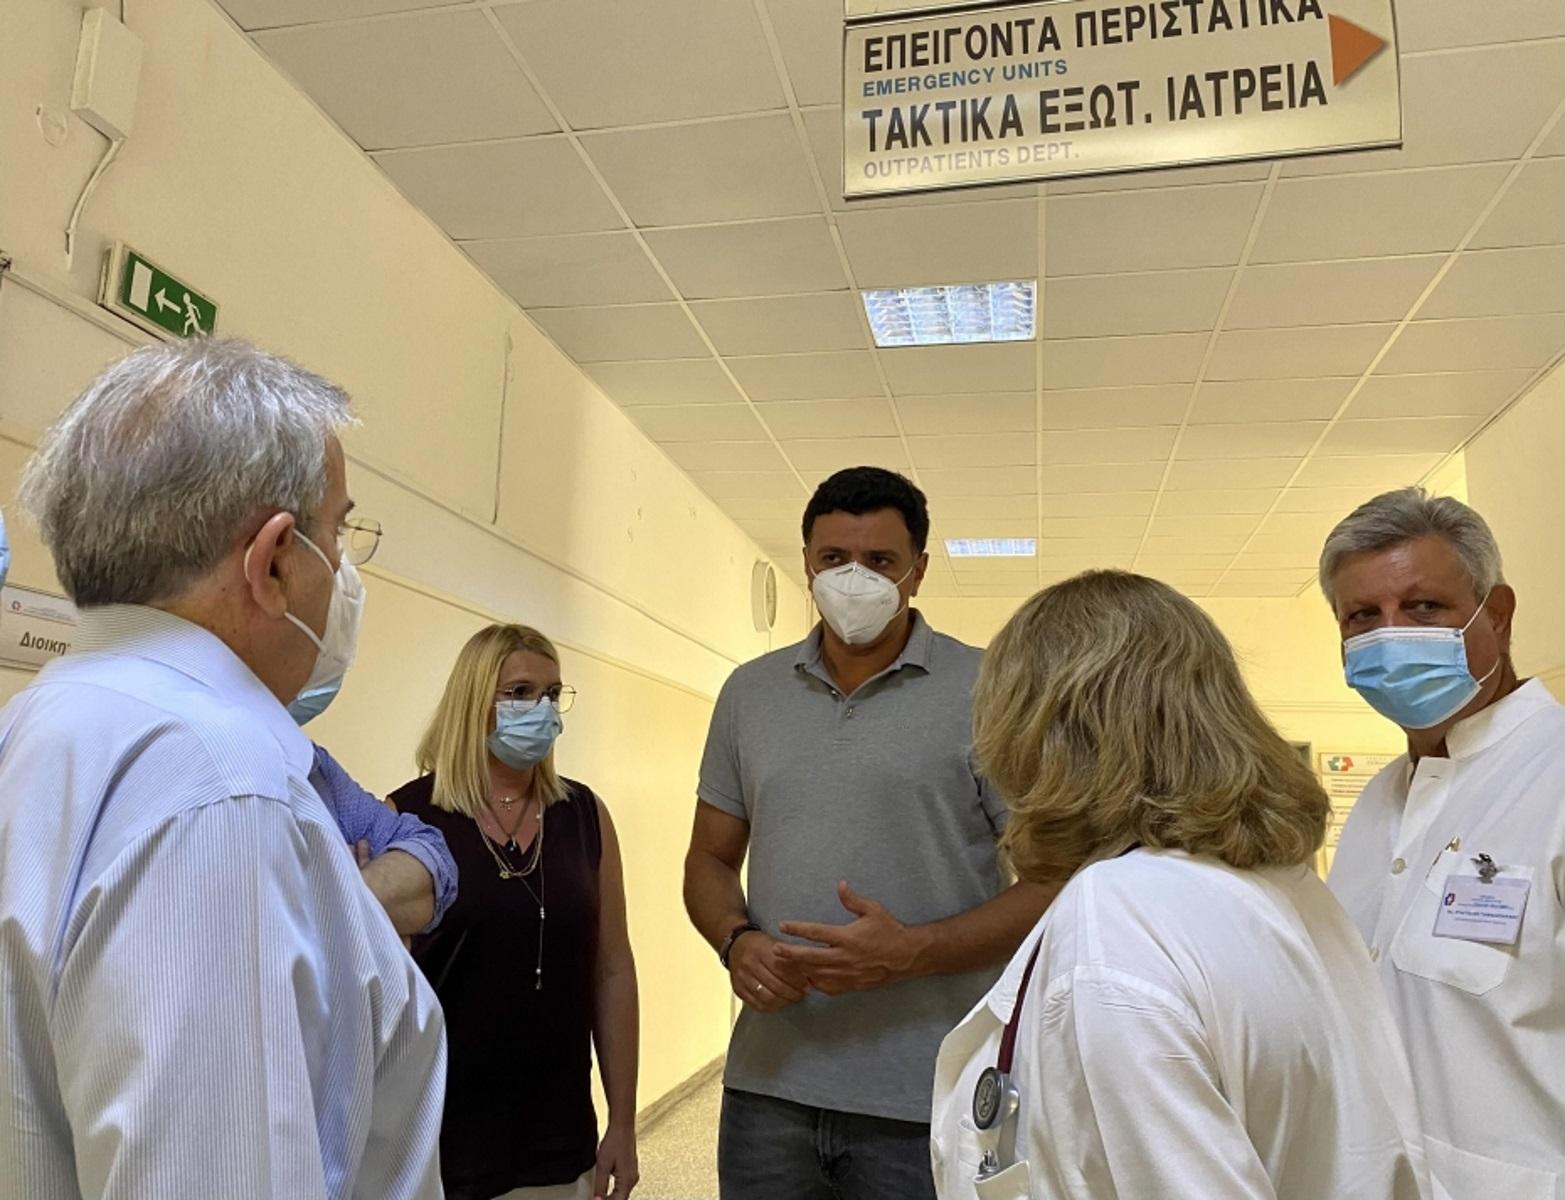 Φωτιά στη Βαρυμπόμπη: 77 πολίτες με αναπνευστικά προβλήματα